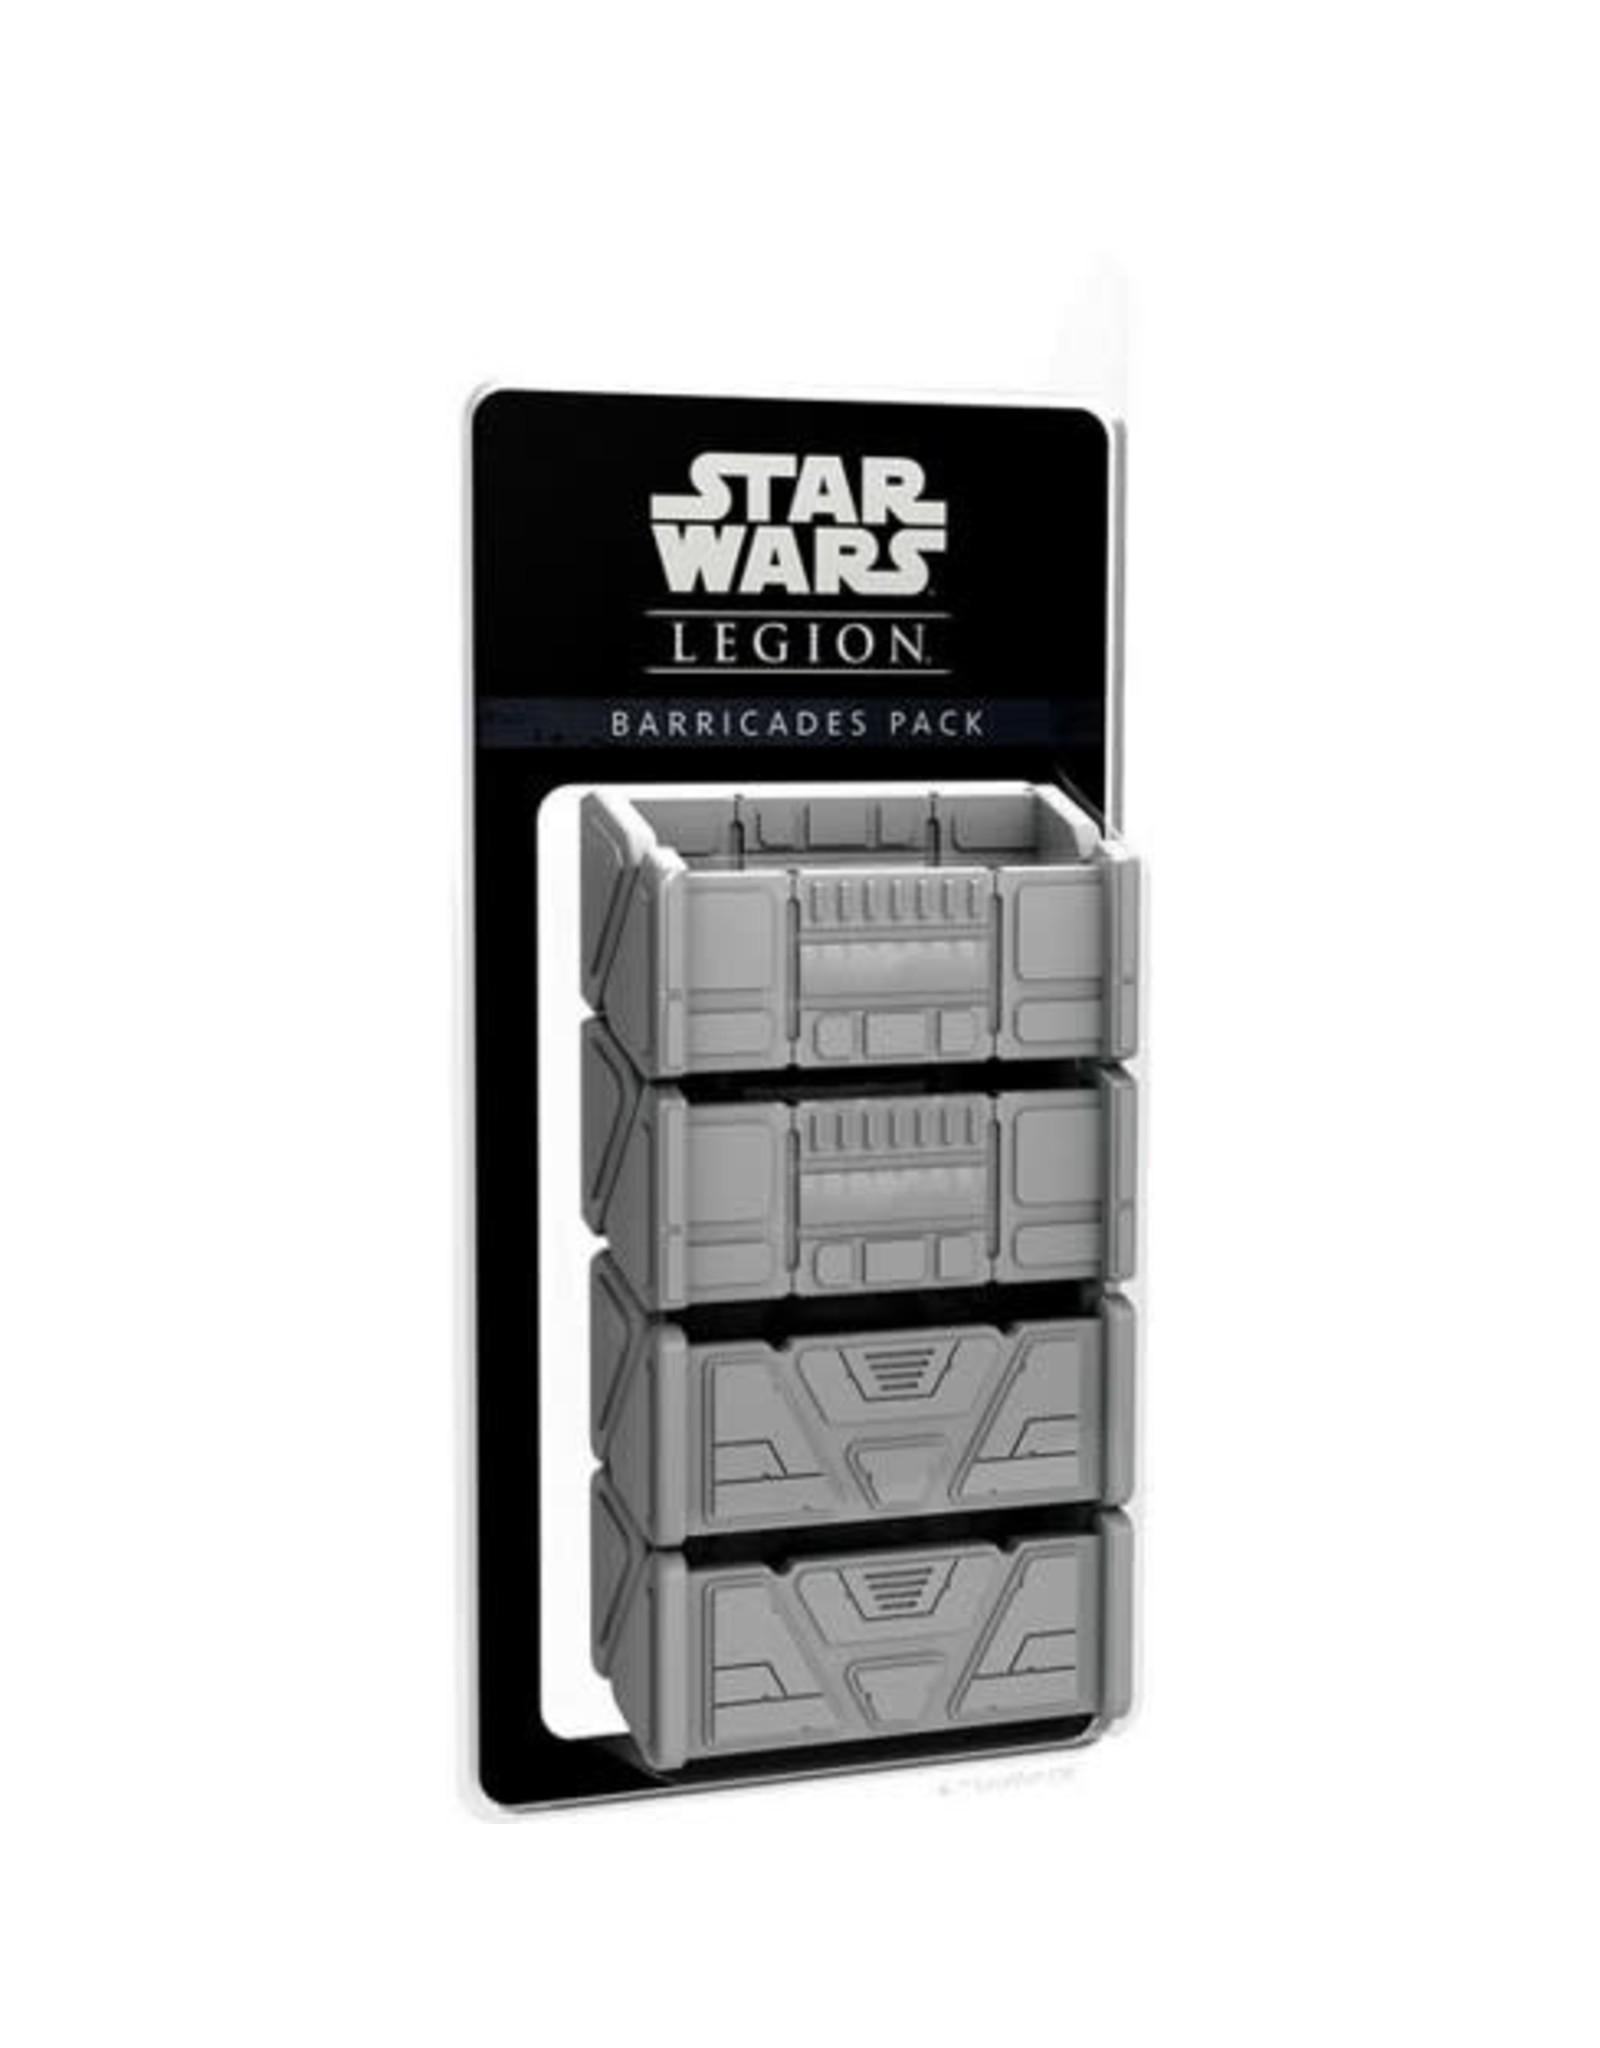 Star Wars Legion Barricades